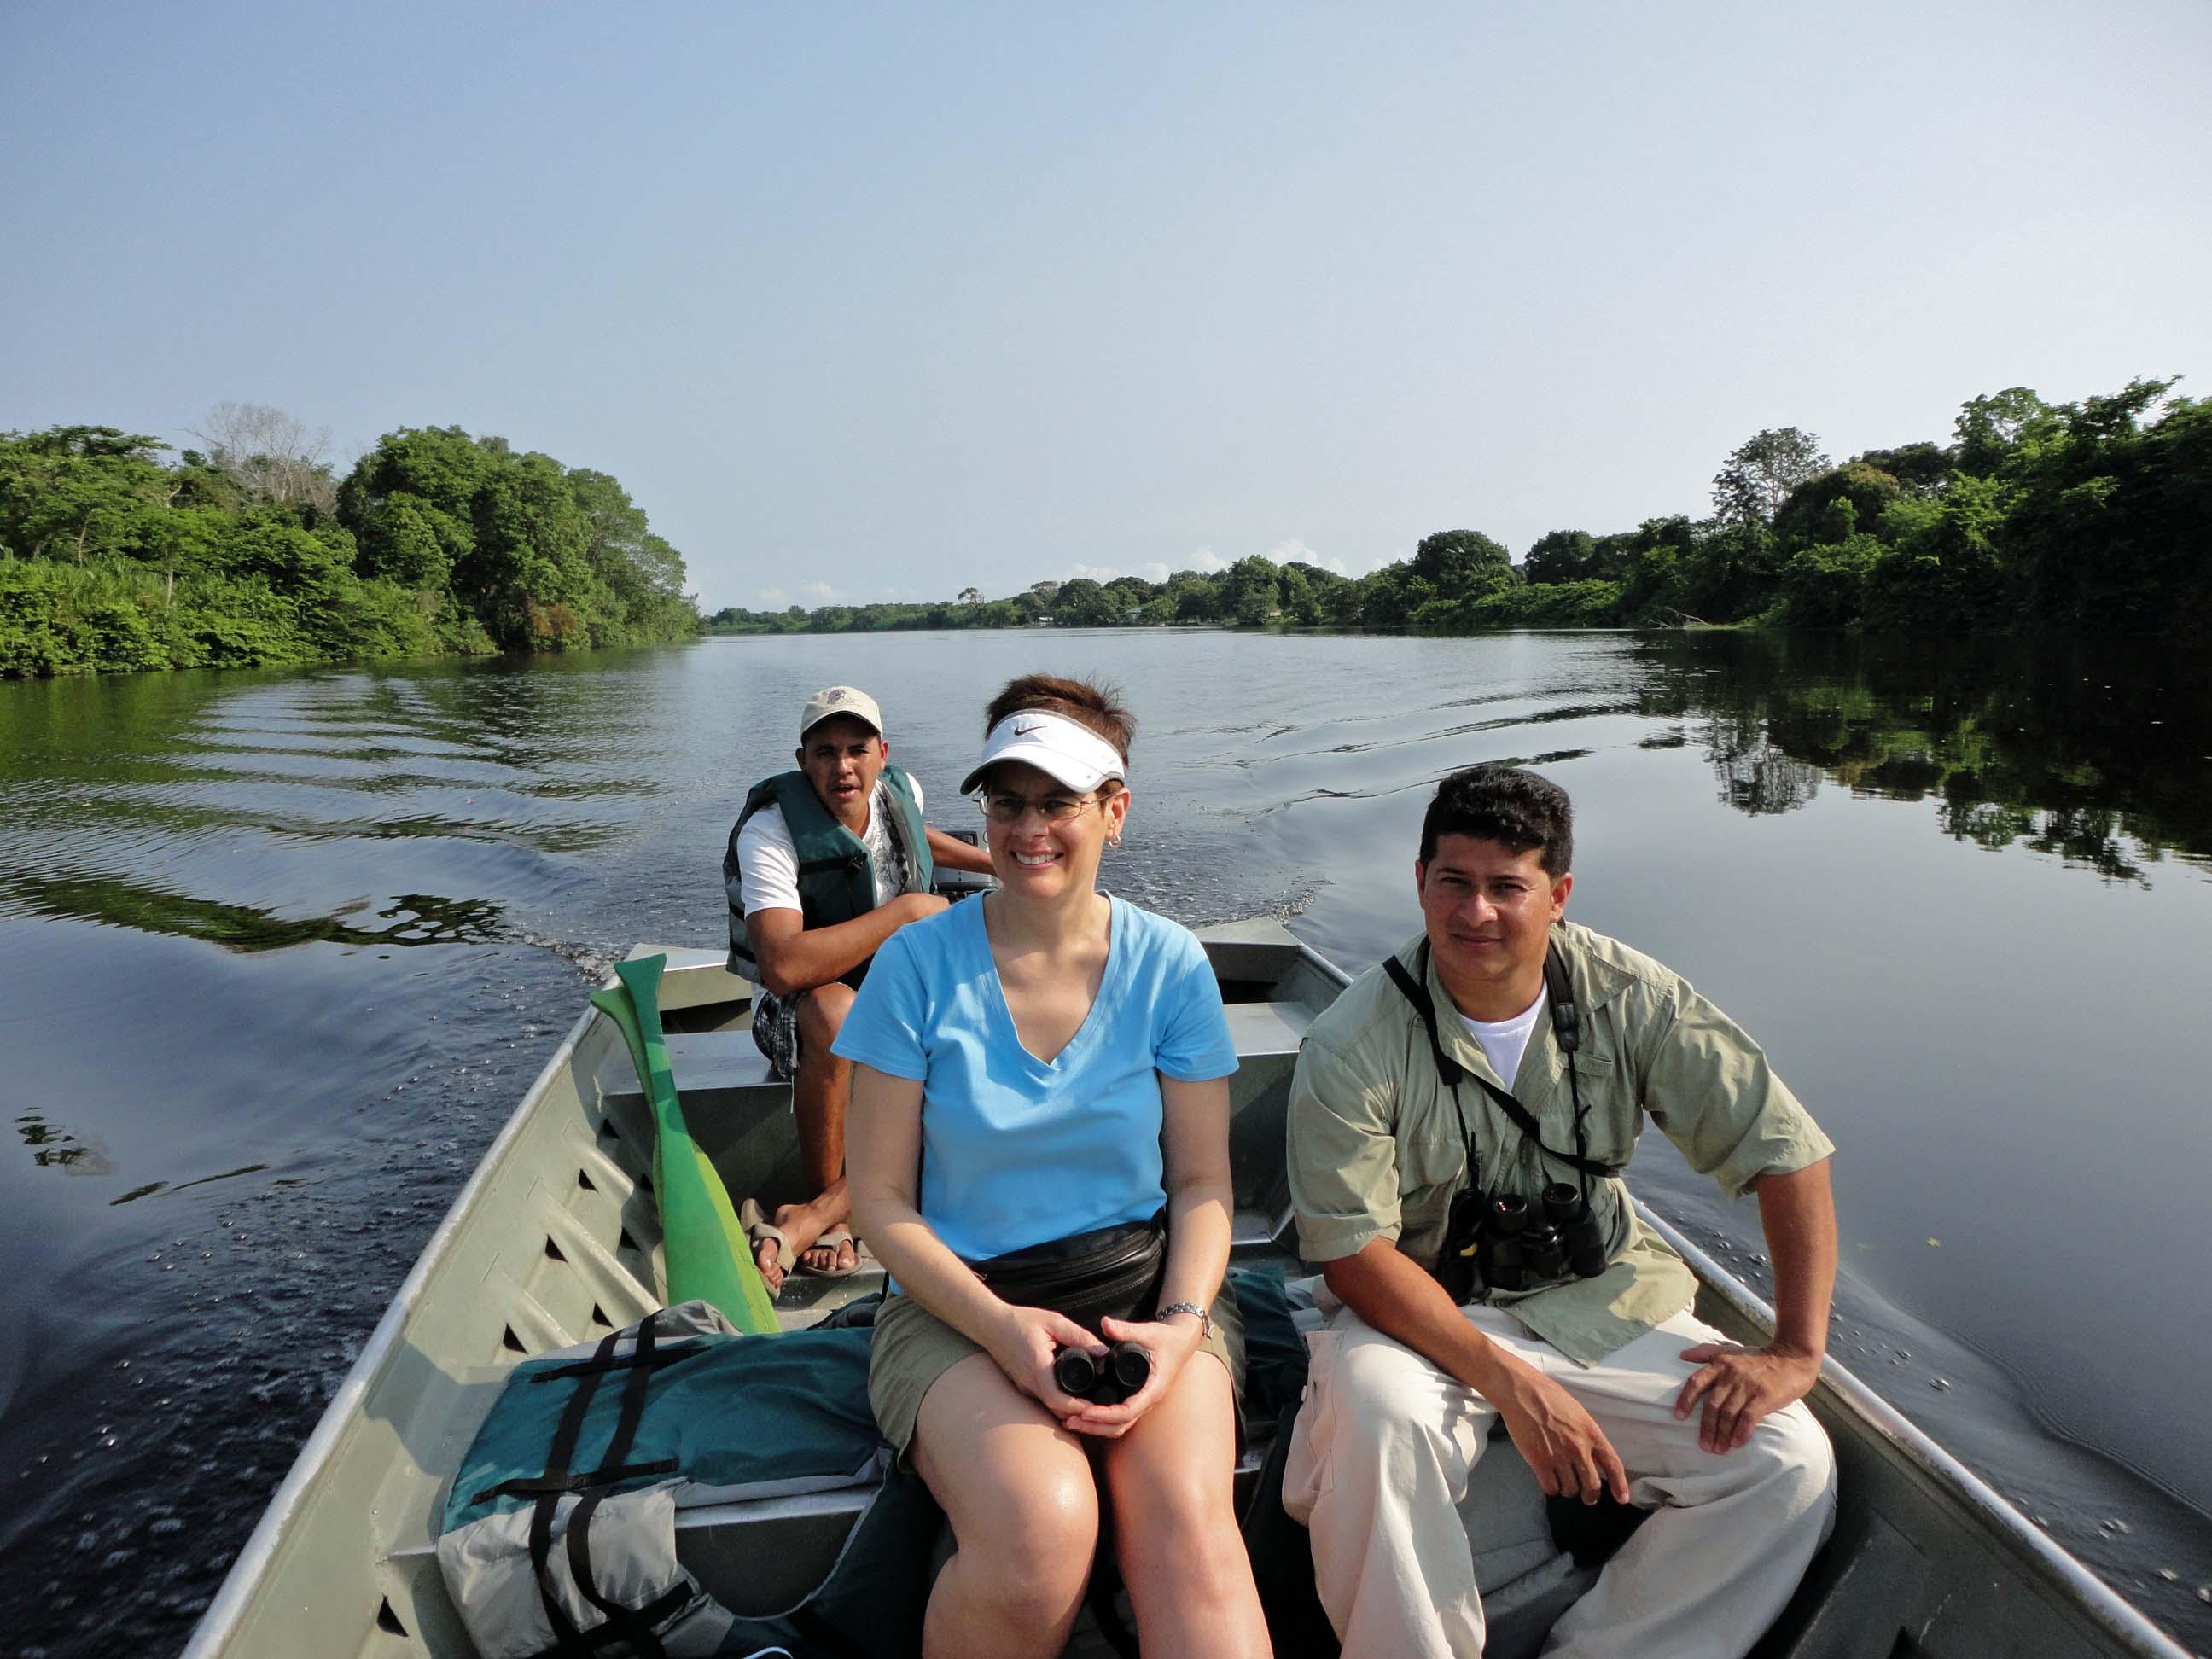 Rain forest river excursion, Cuero y Salado wildlife refuge.